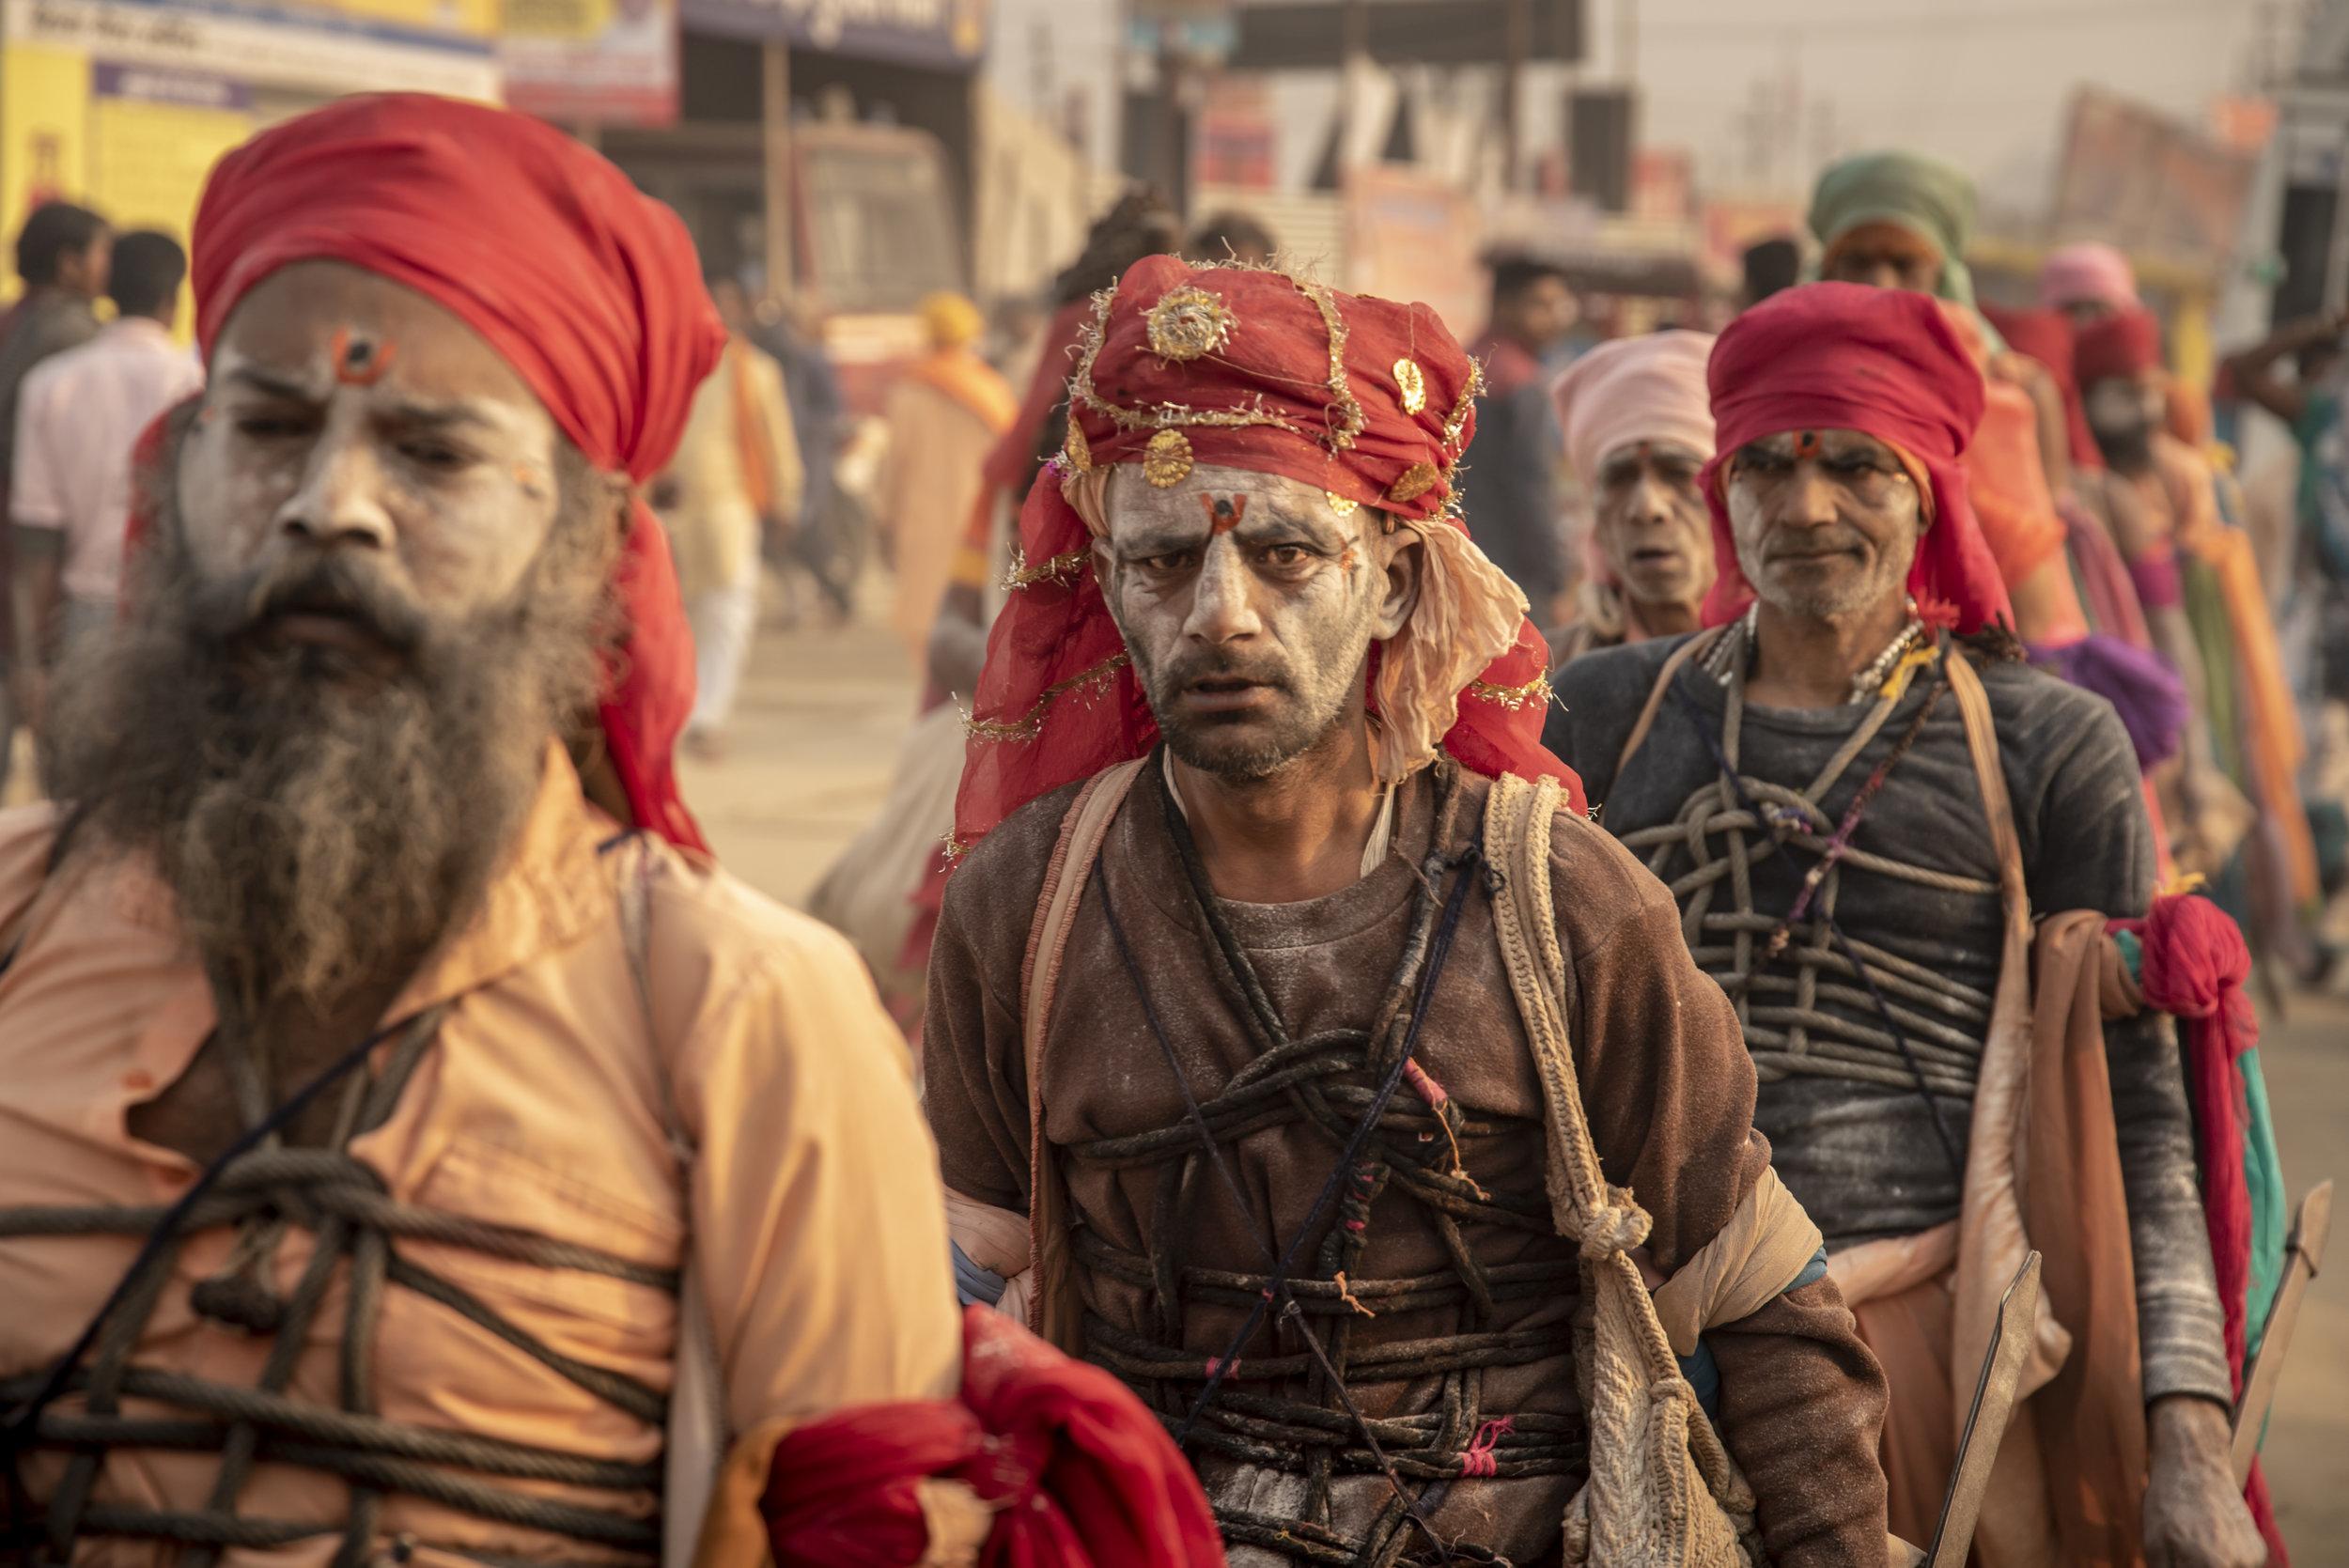 Religious acolytes enter the Mela